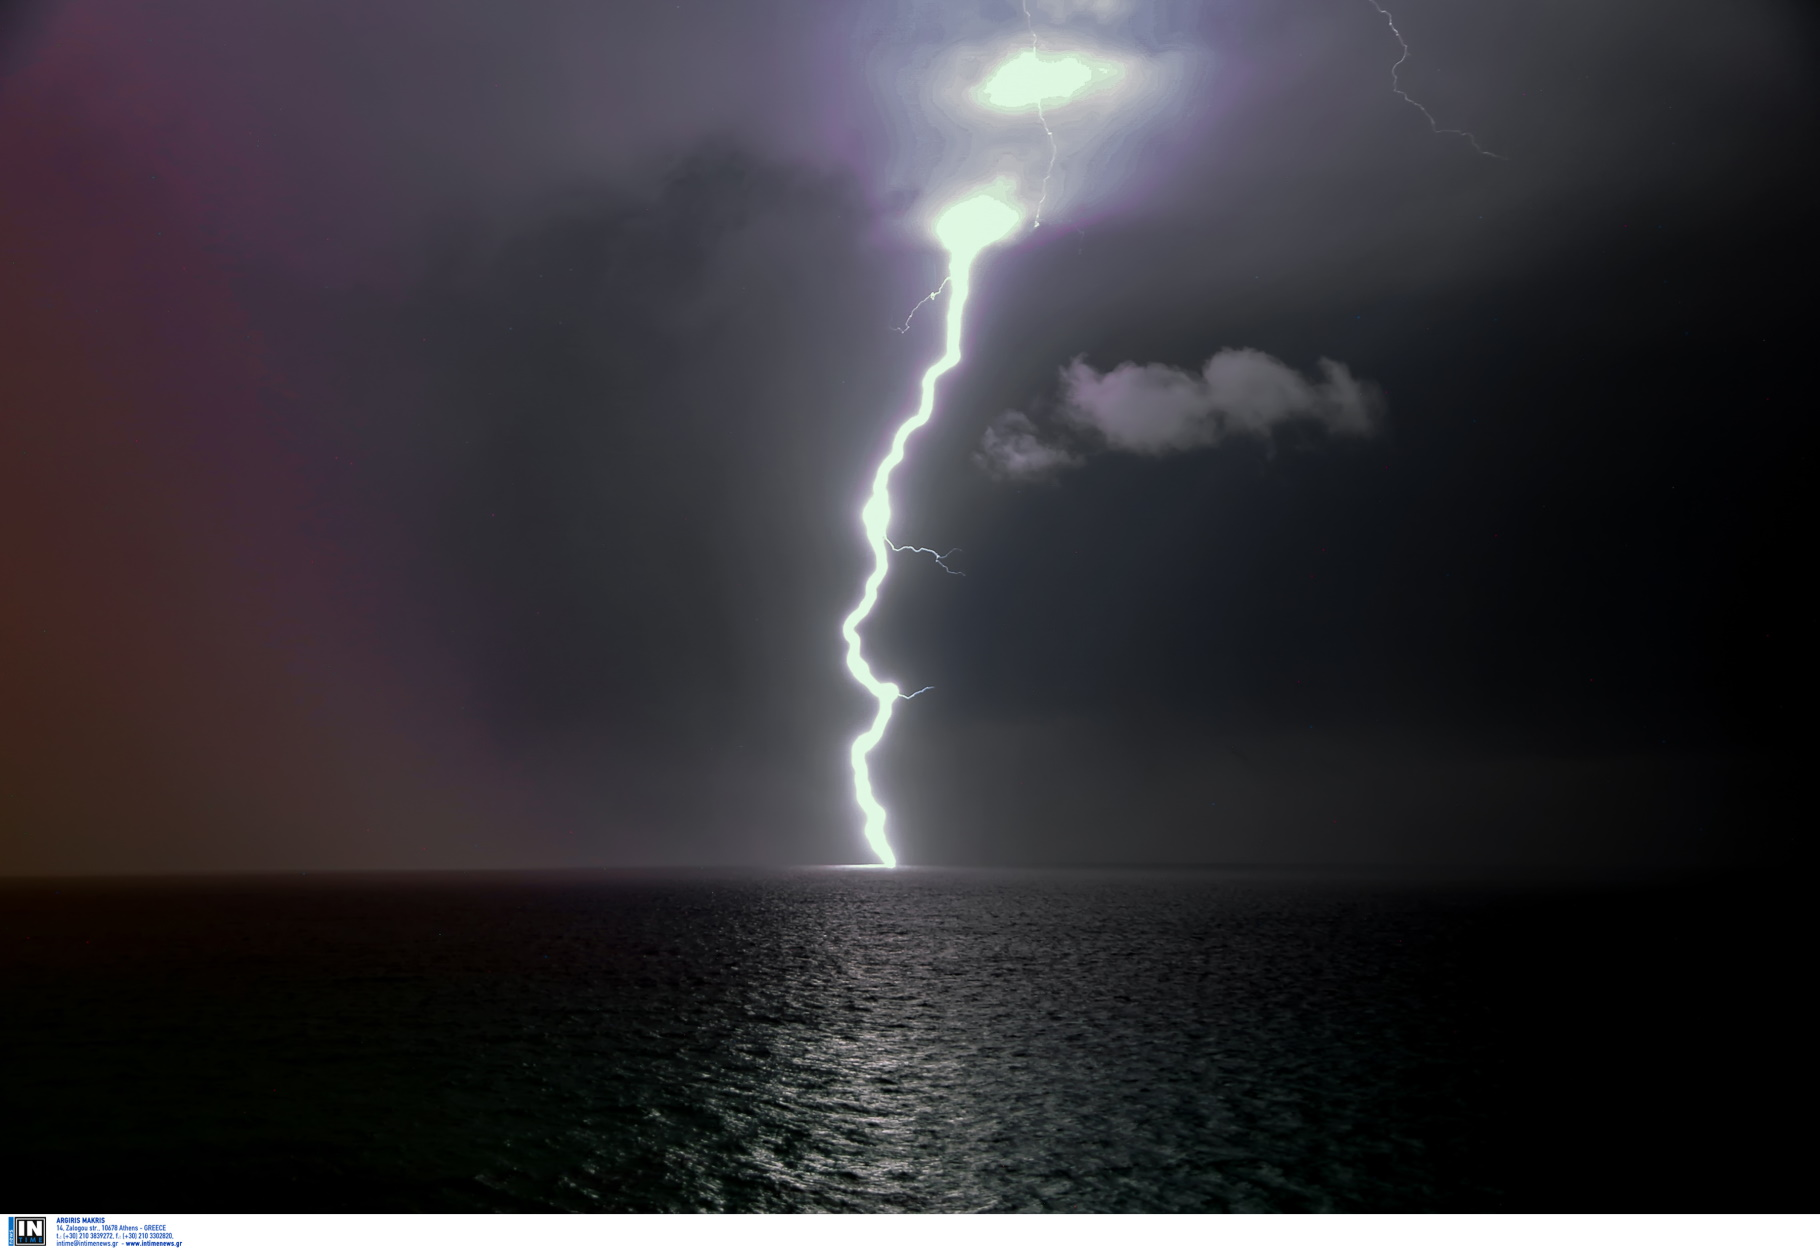 Καιρός αύριο: Κακοκαιρία με βροχές καταιγίδες και χαλάζι